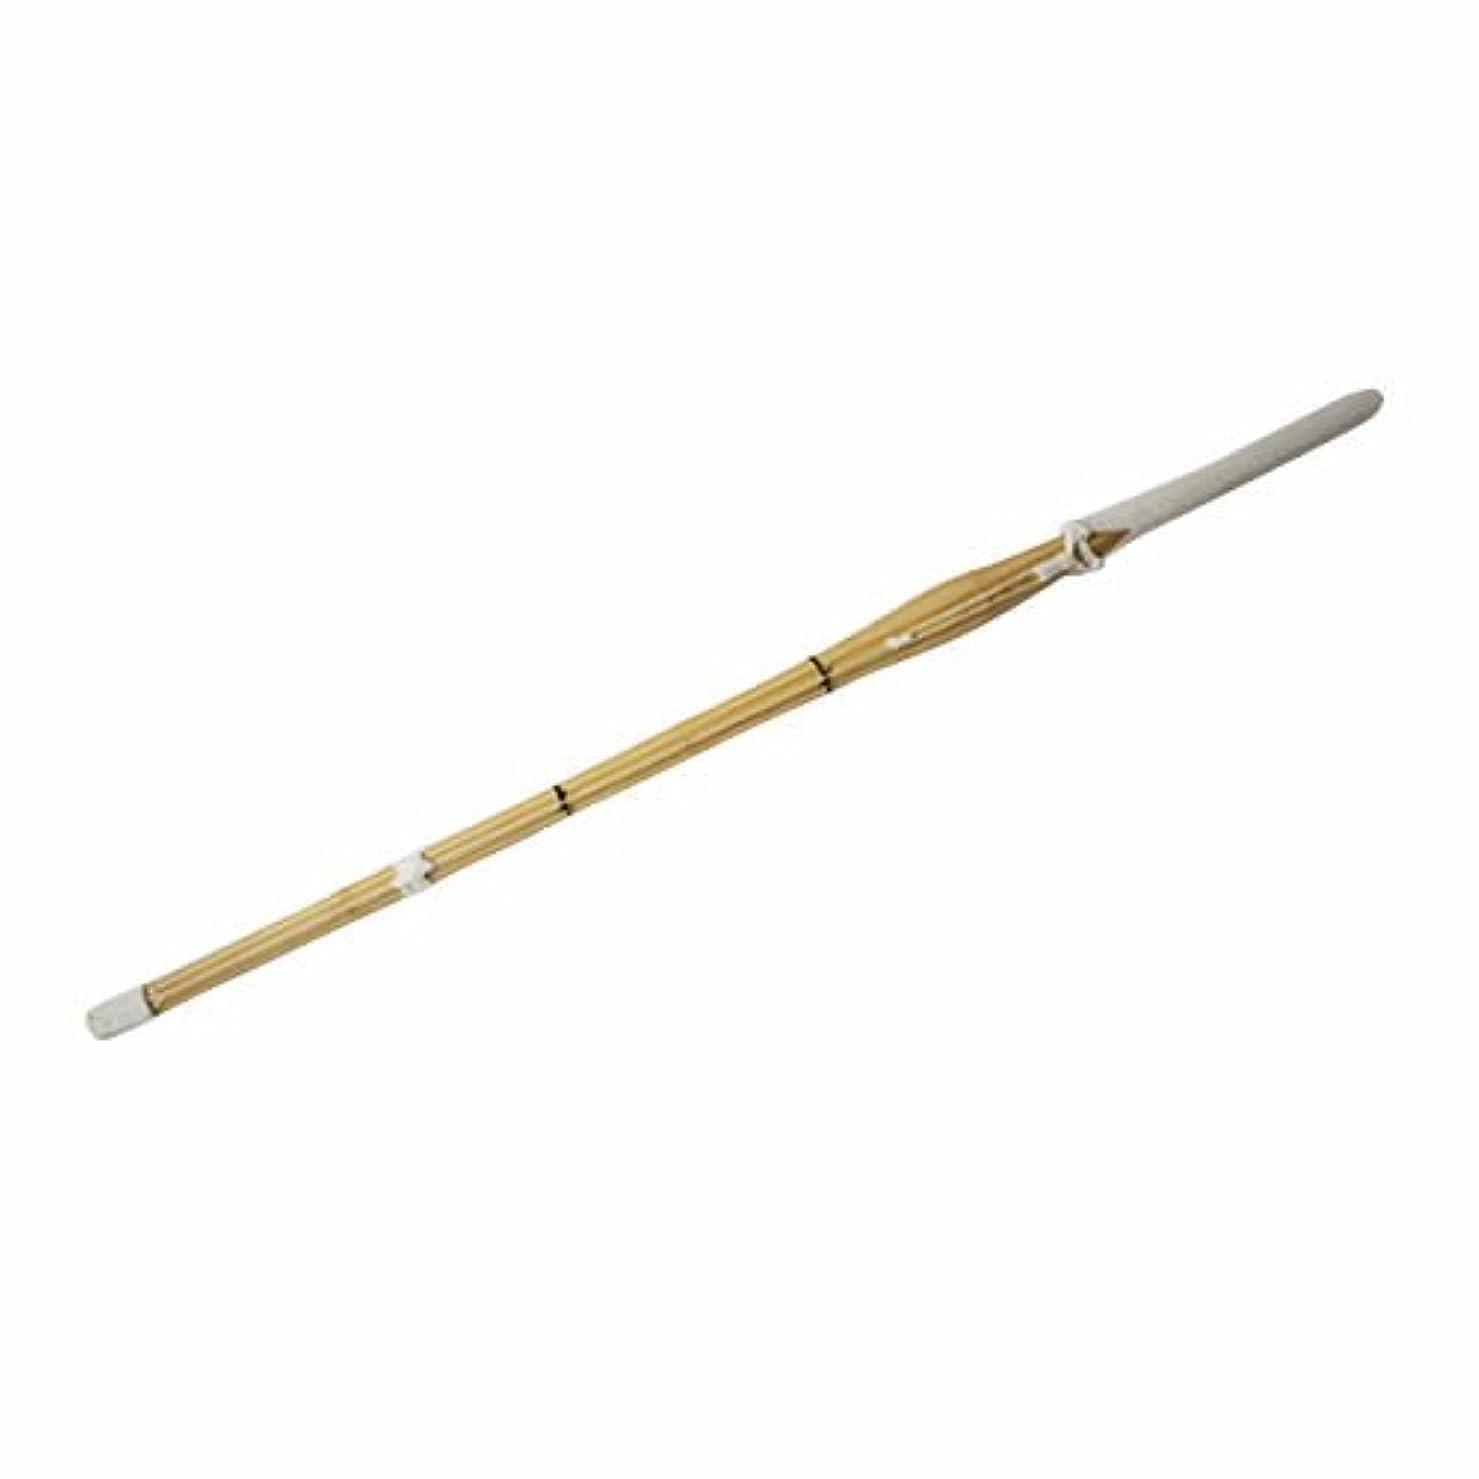 立ち向かうフィルタ処理竹刀/37実践型/先中吟 仕組W [完成品] 金文字『利他』 年齢:中学生